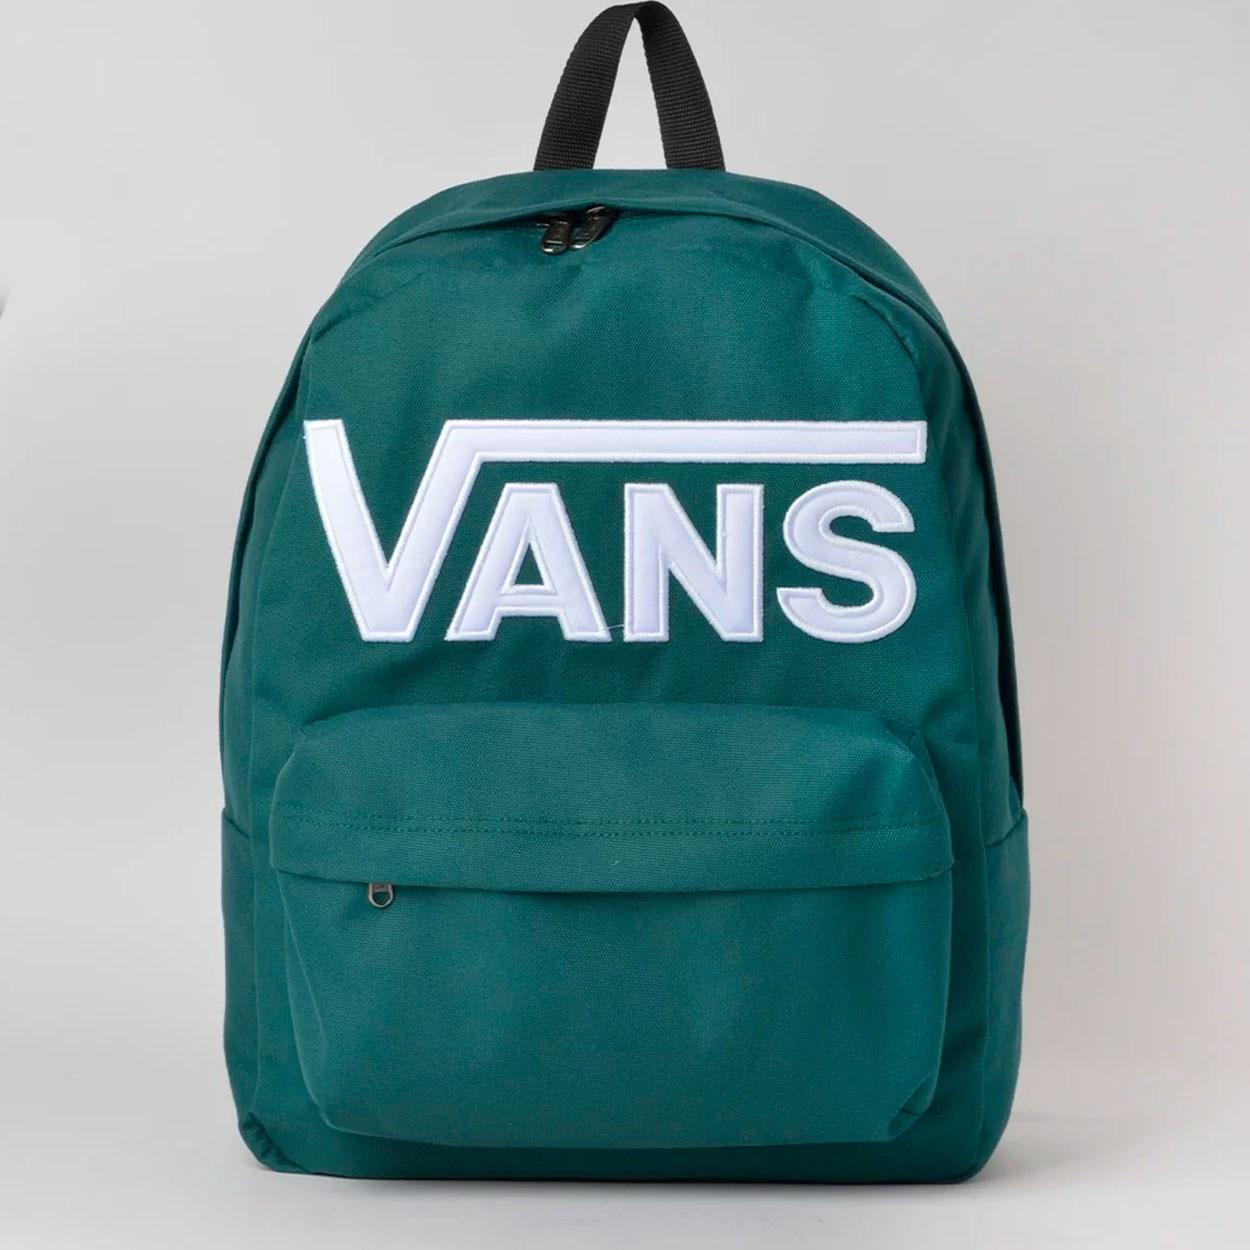 vans rucksack schwarz günstig kaufen, Vans – Old Skool